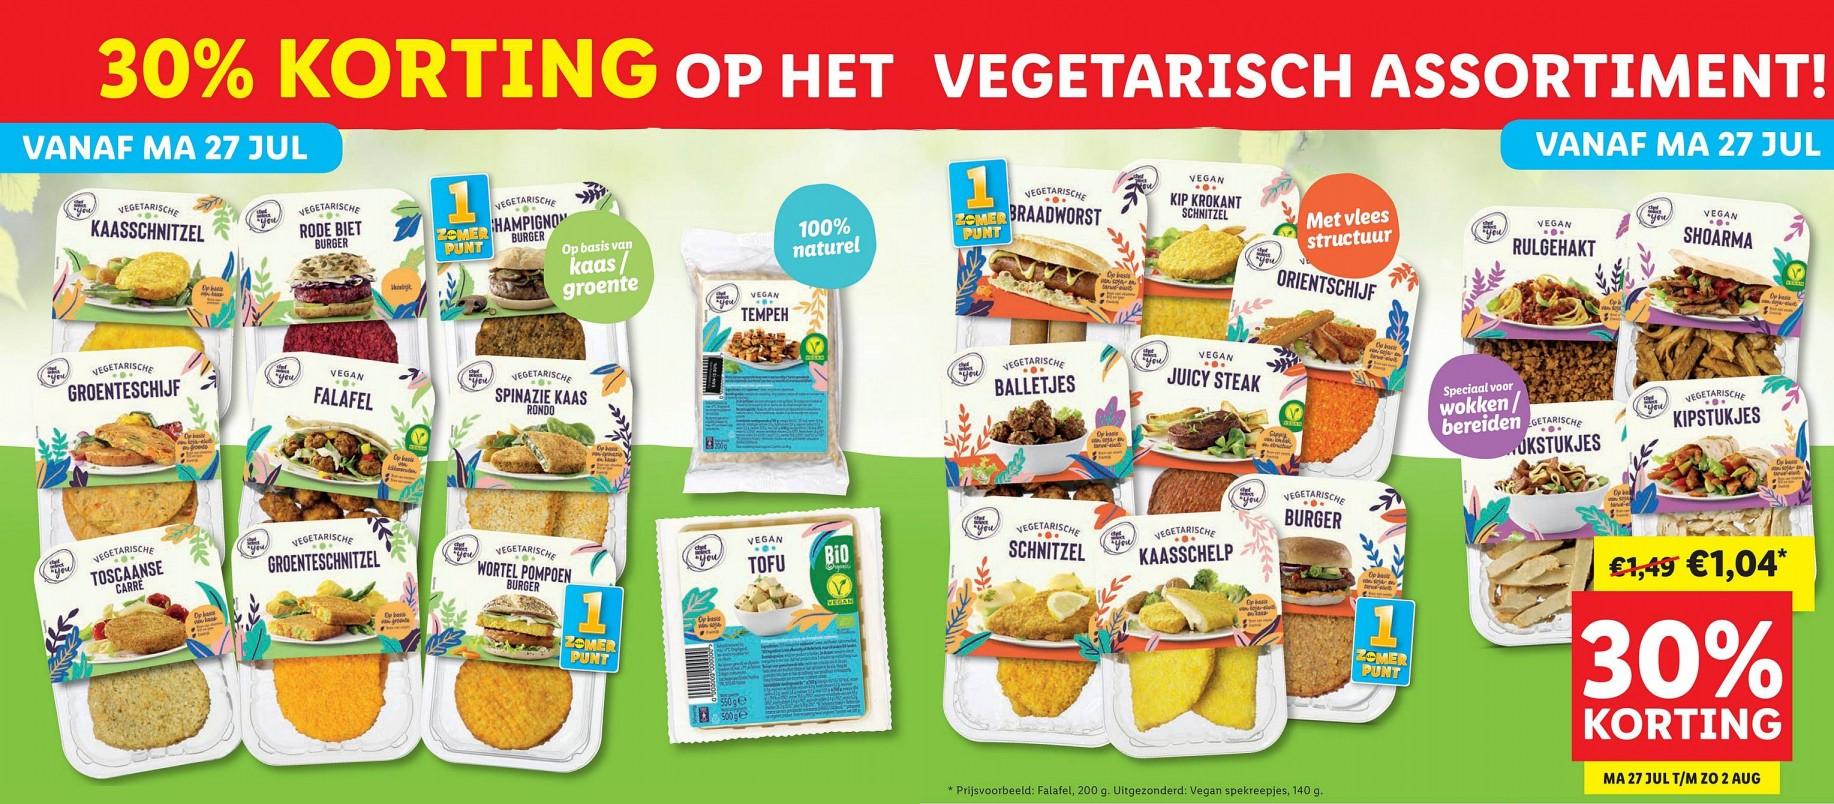 27 juli t/m 2 augustus: 30% korting op het vegetarische assortiment @ Lidl